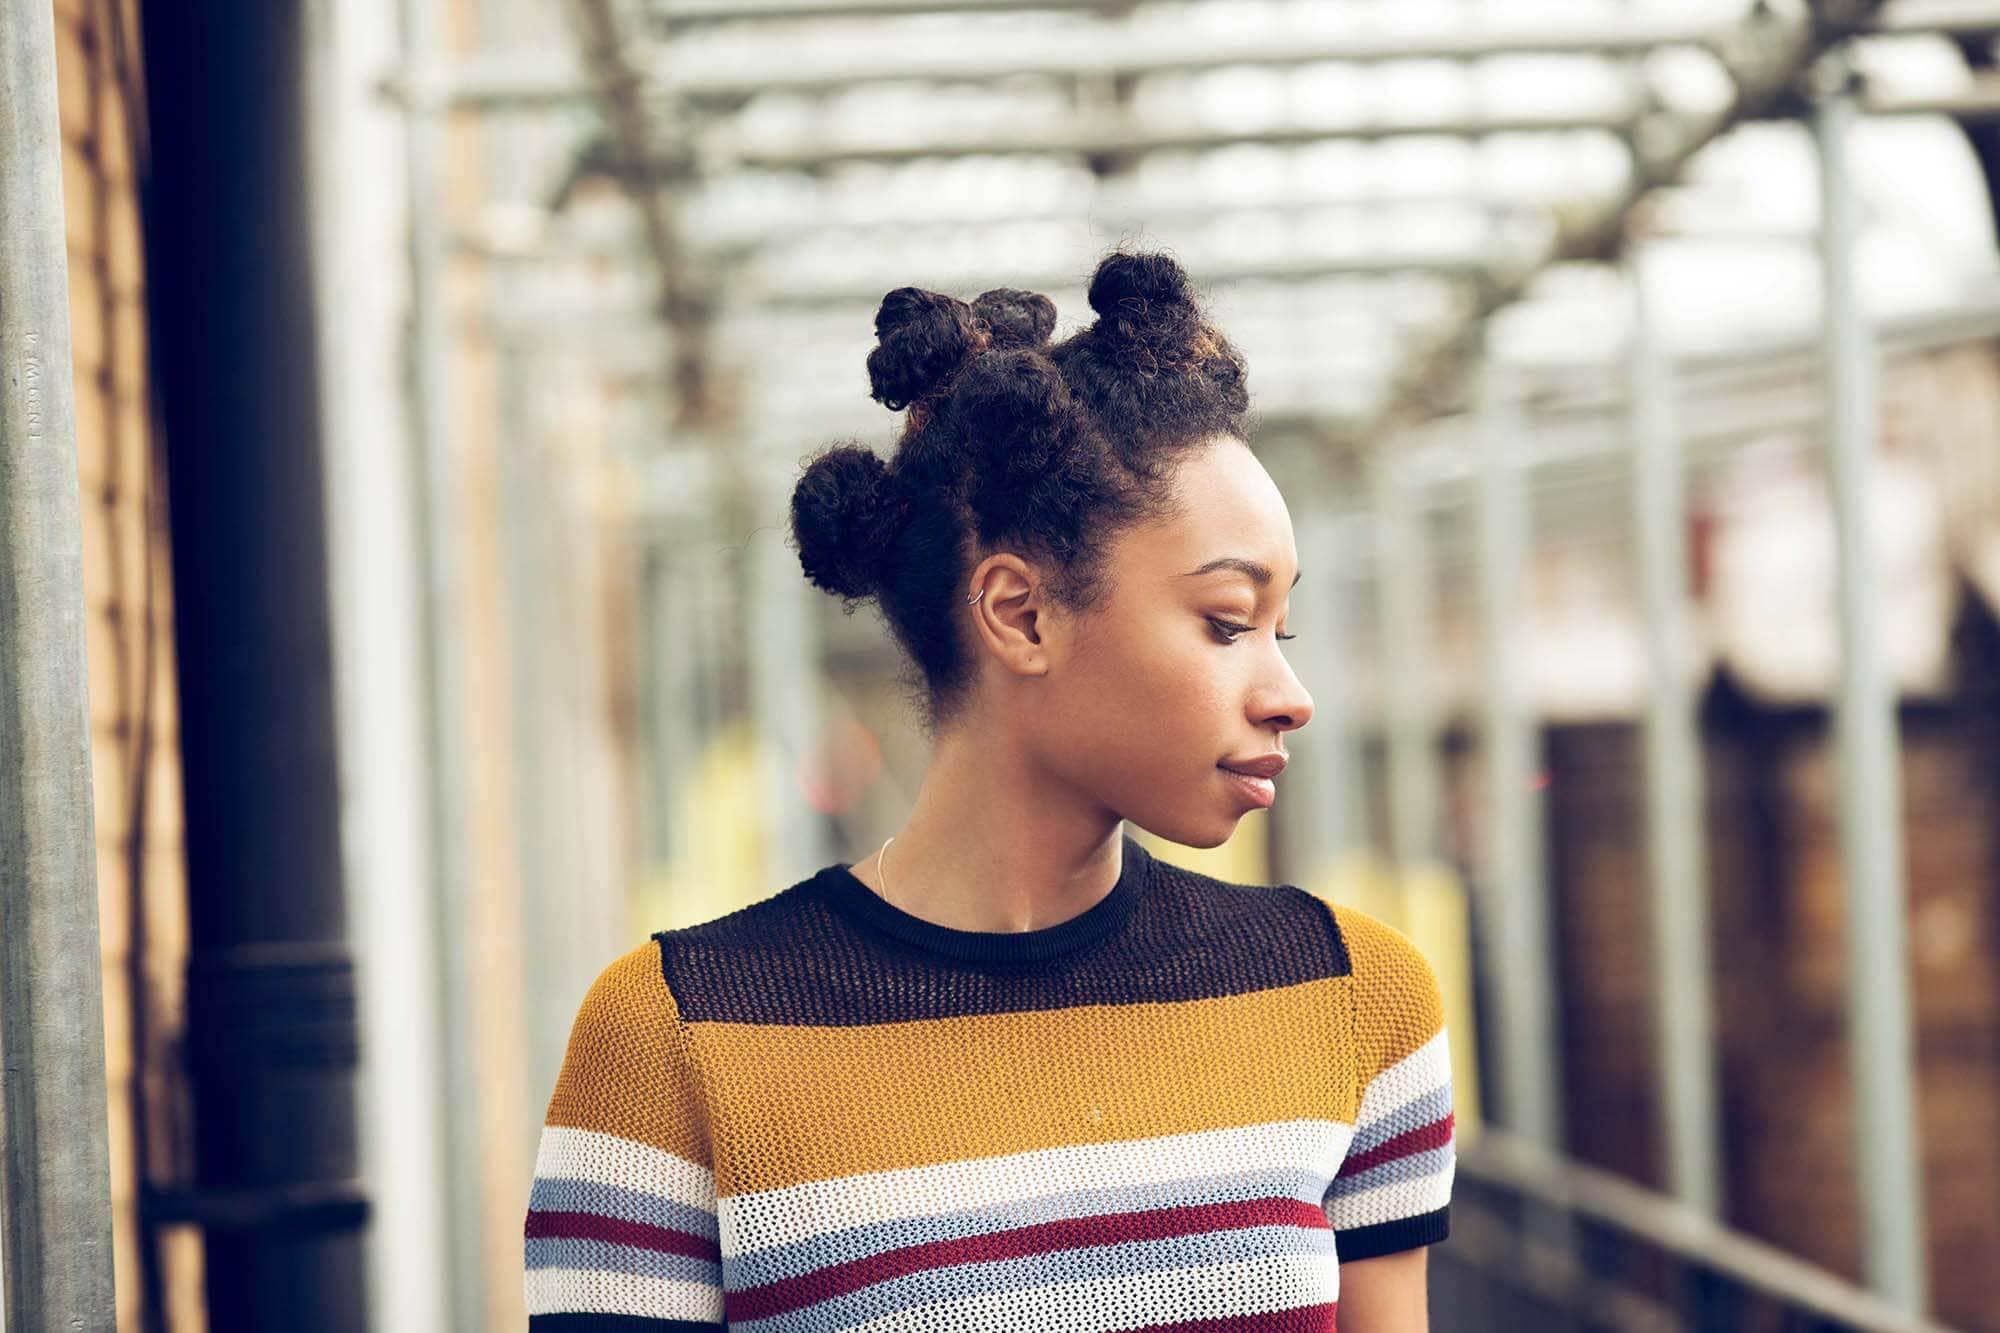 Mulher usa bantu knots como um dos penteados afro sugeridos